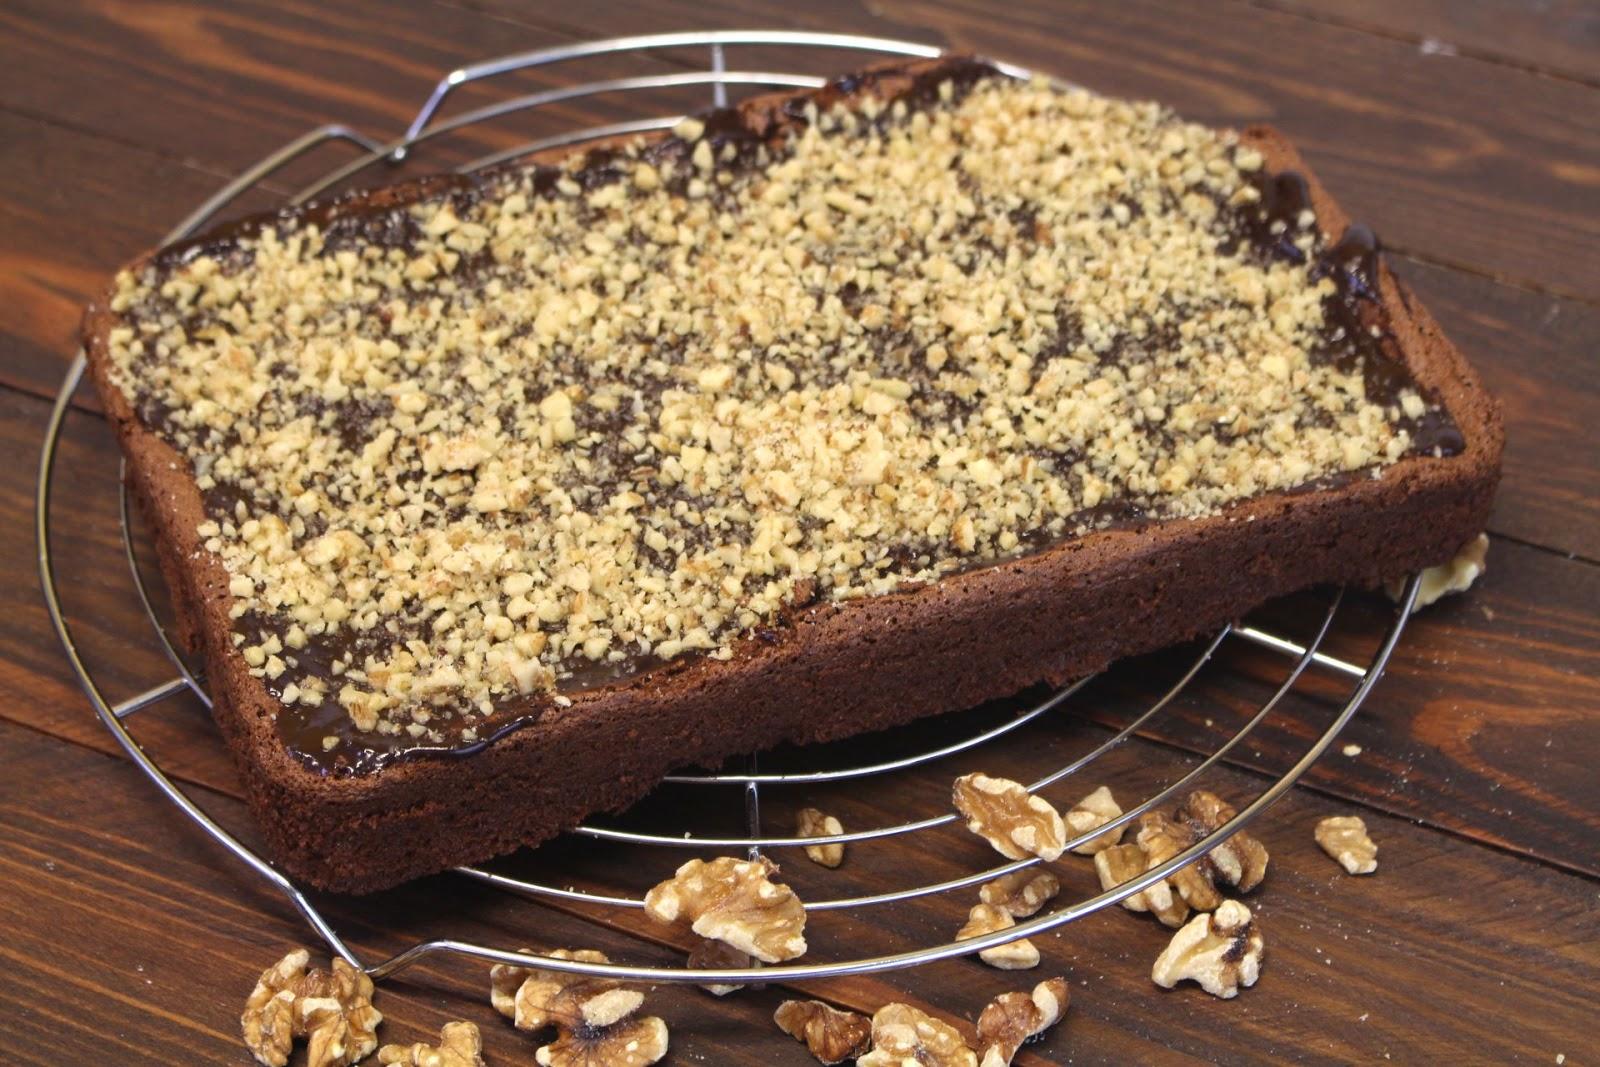 Receta de brownie o bizcocho de chocolate sin gluten